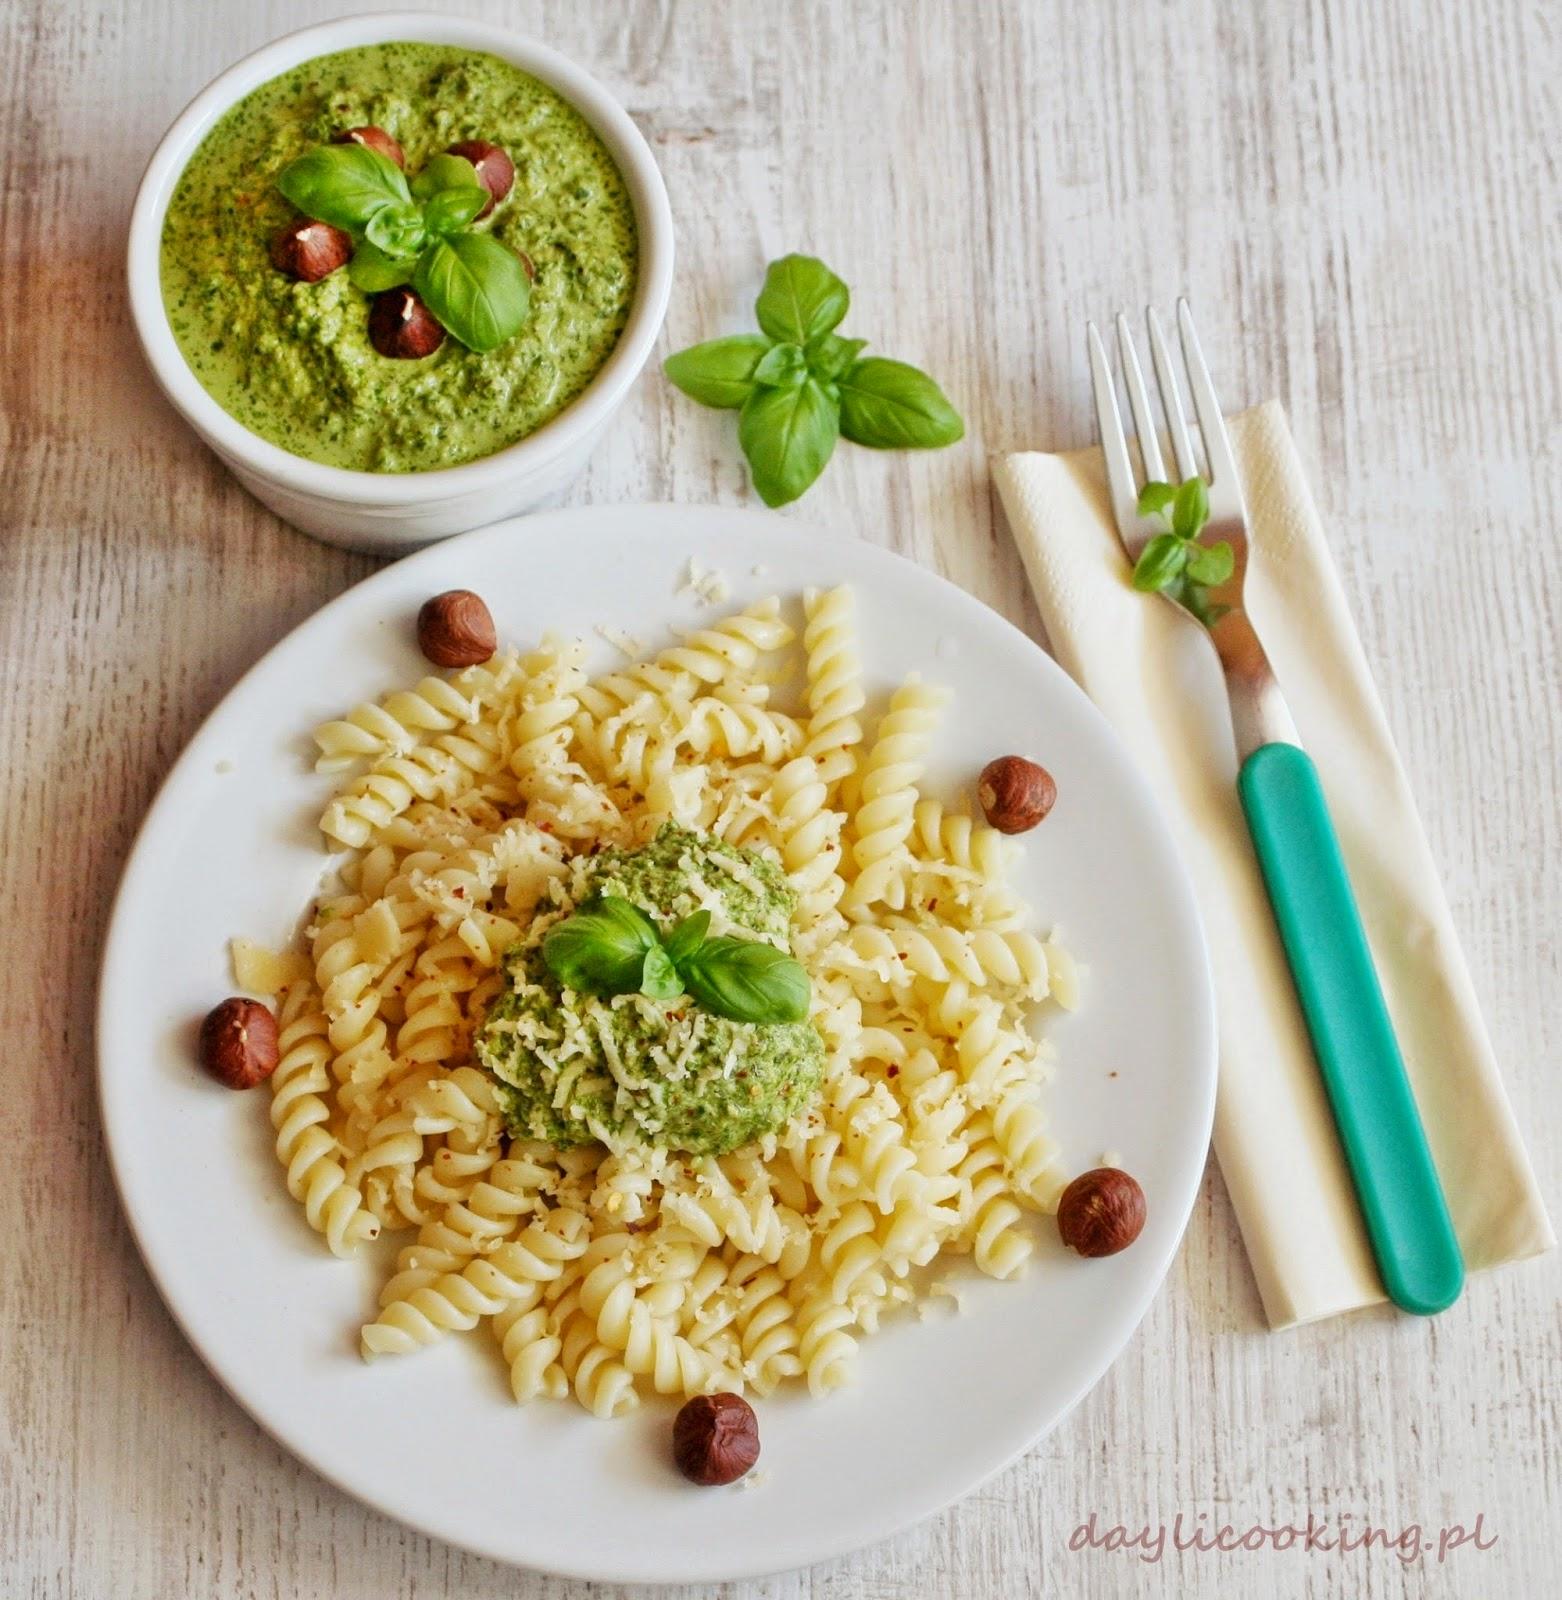 Pesto z sałaty z dodatkiem bazylii, czosnku i orzechów